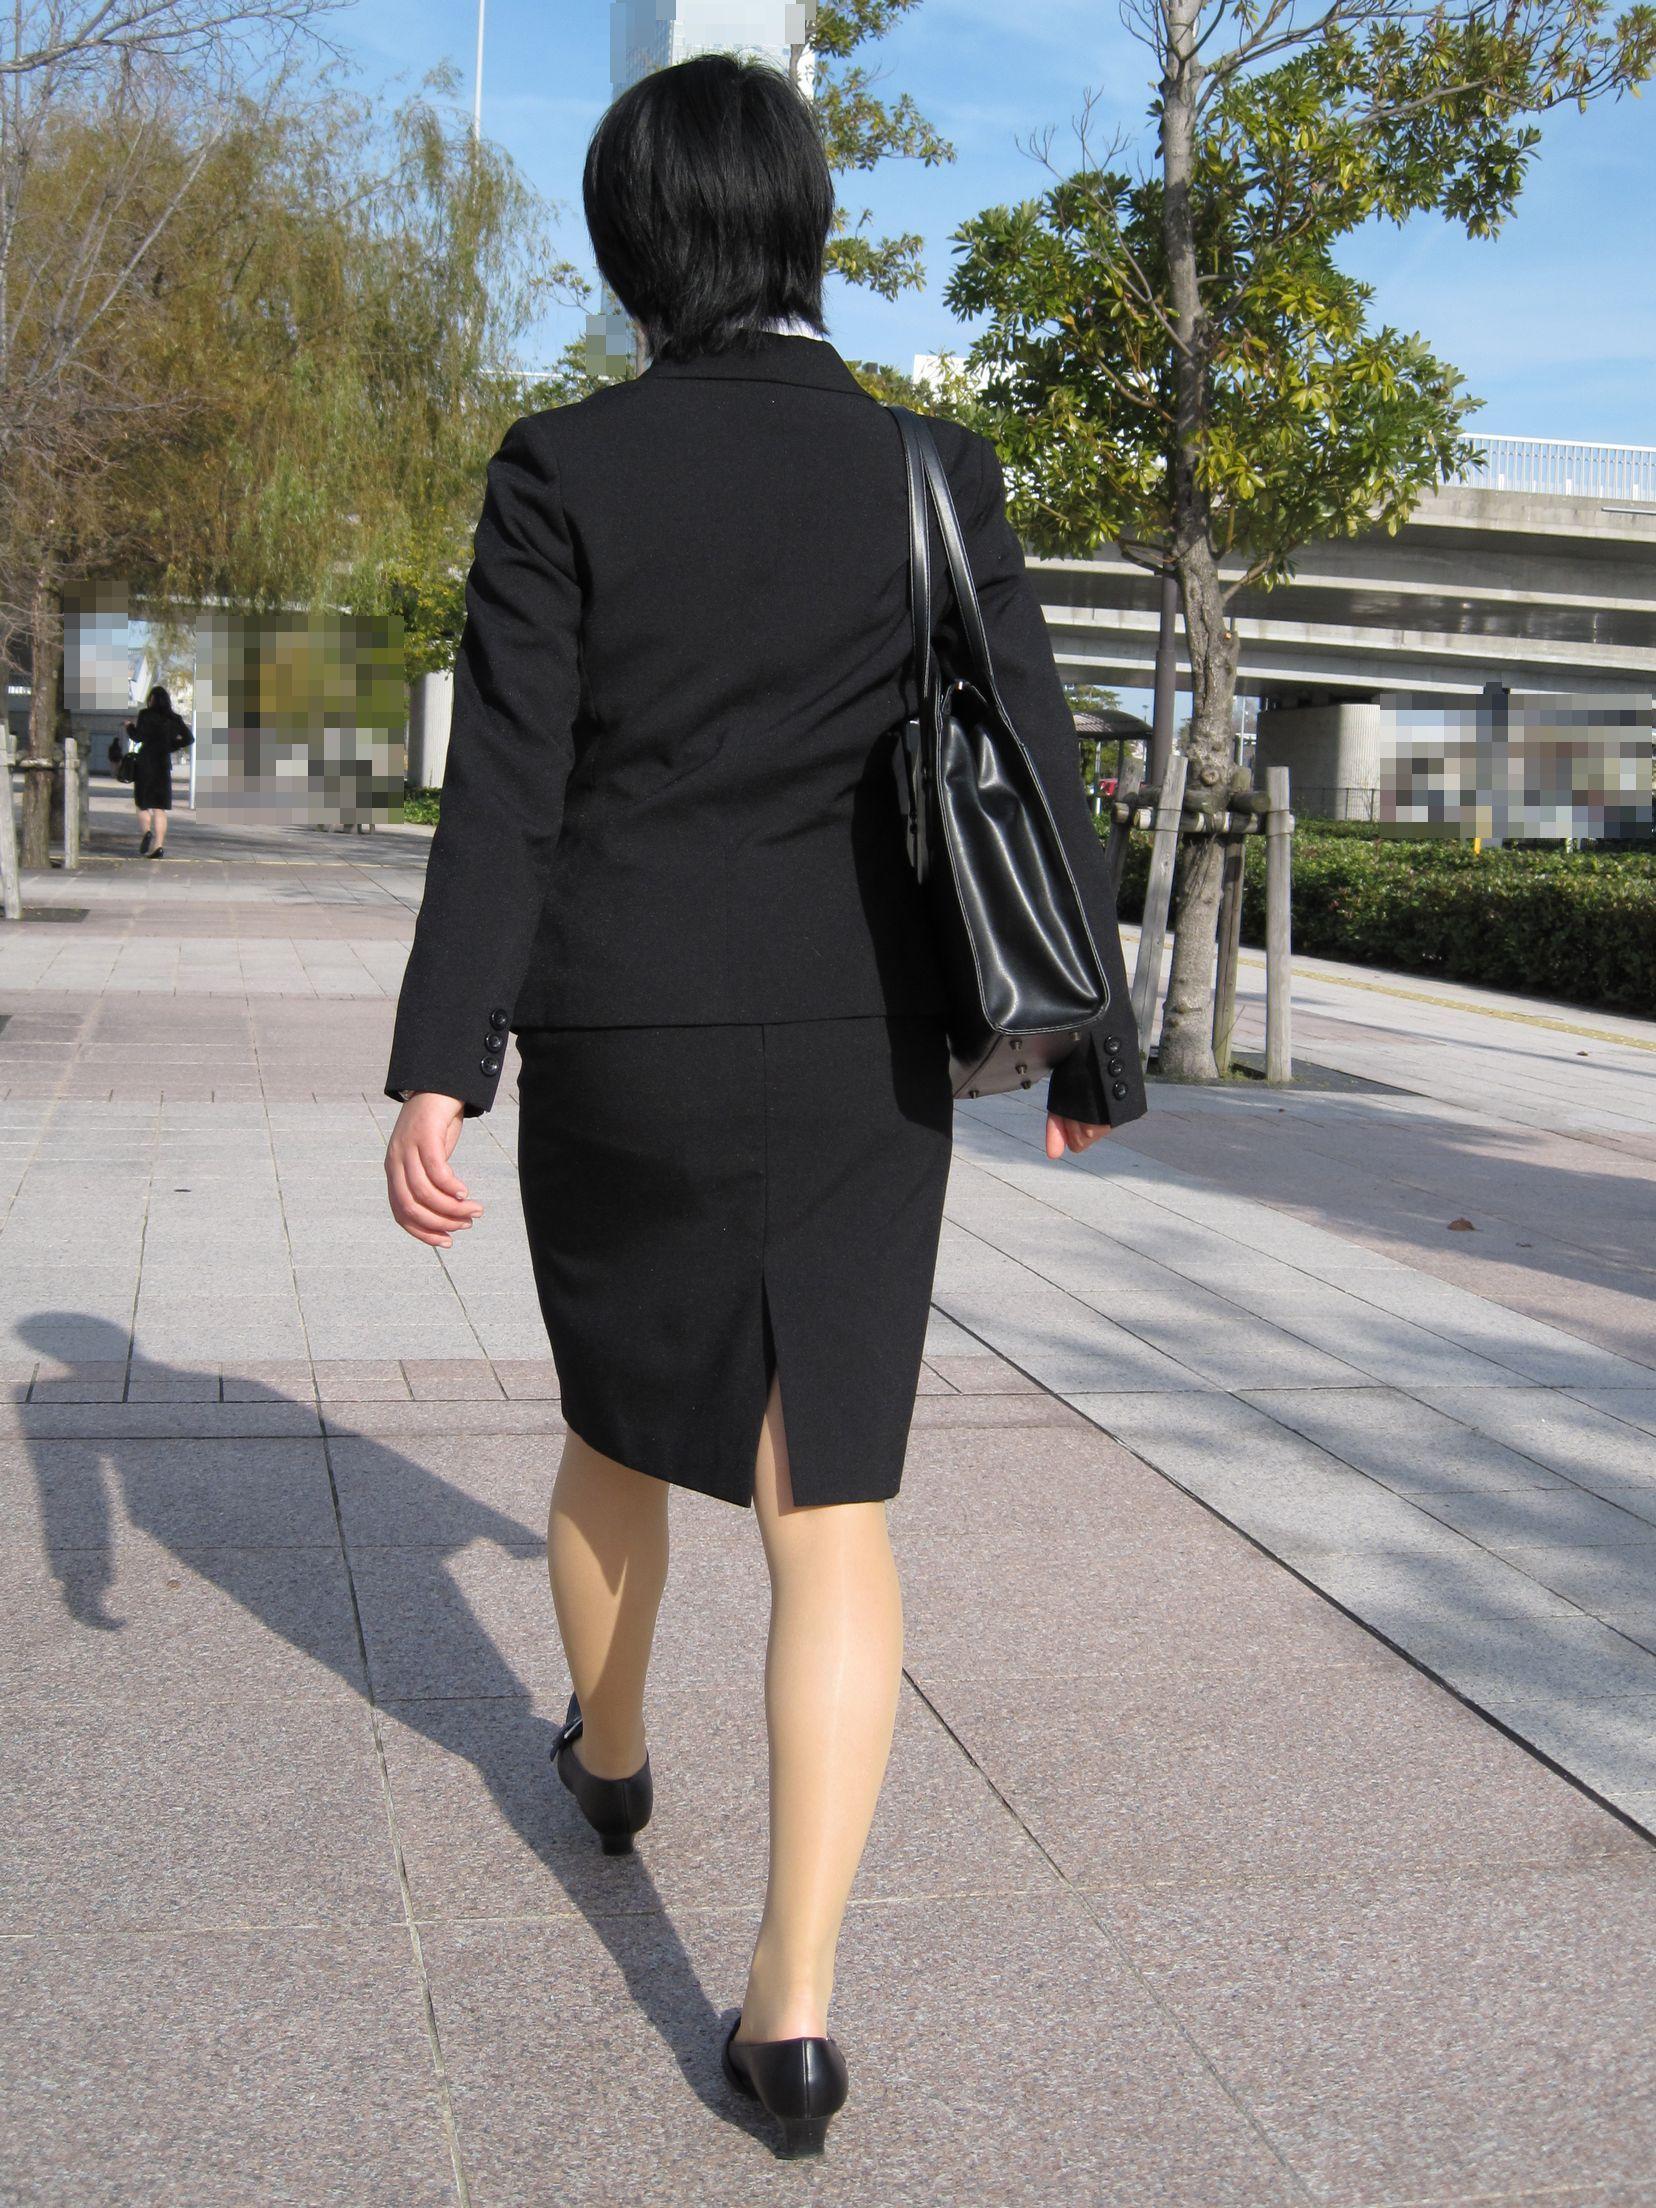 就活OLのお散歩ローターを隠して歩く街撮り淫乱エロ画像14枚目